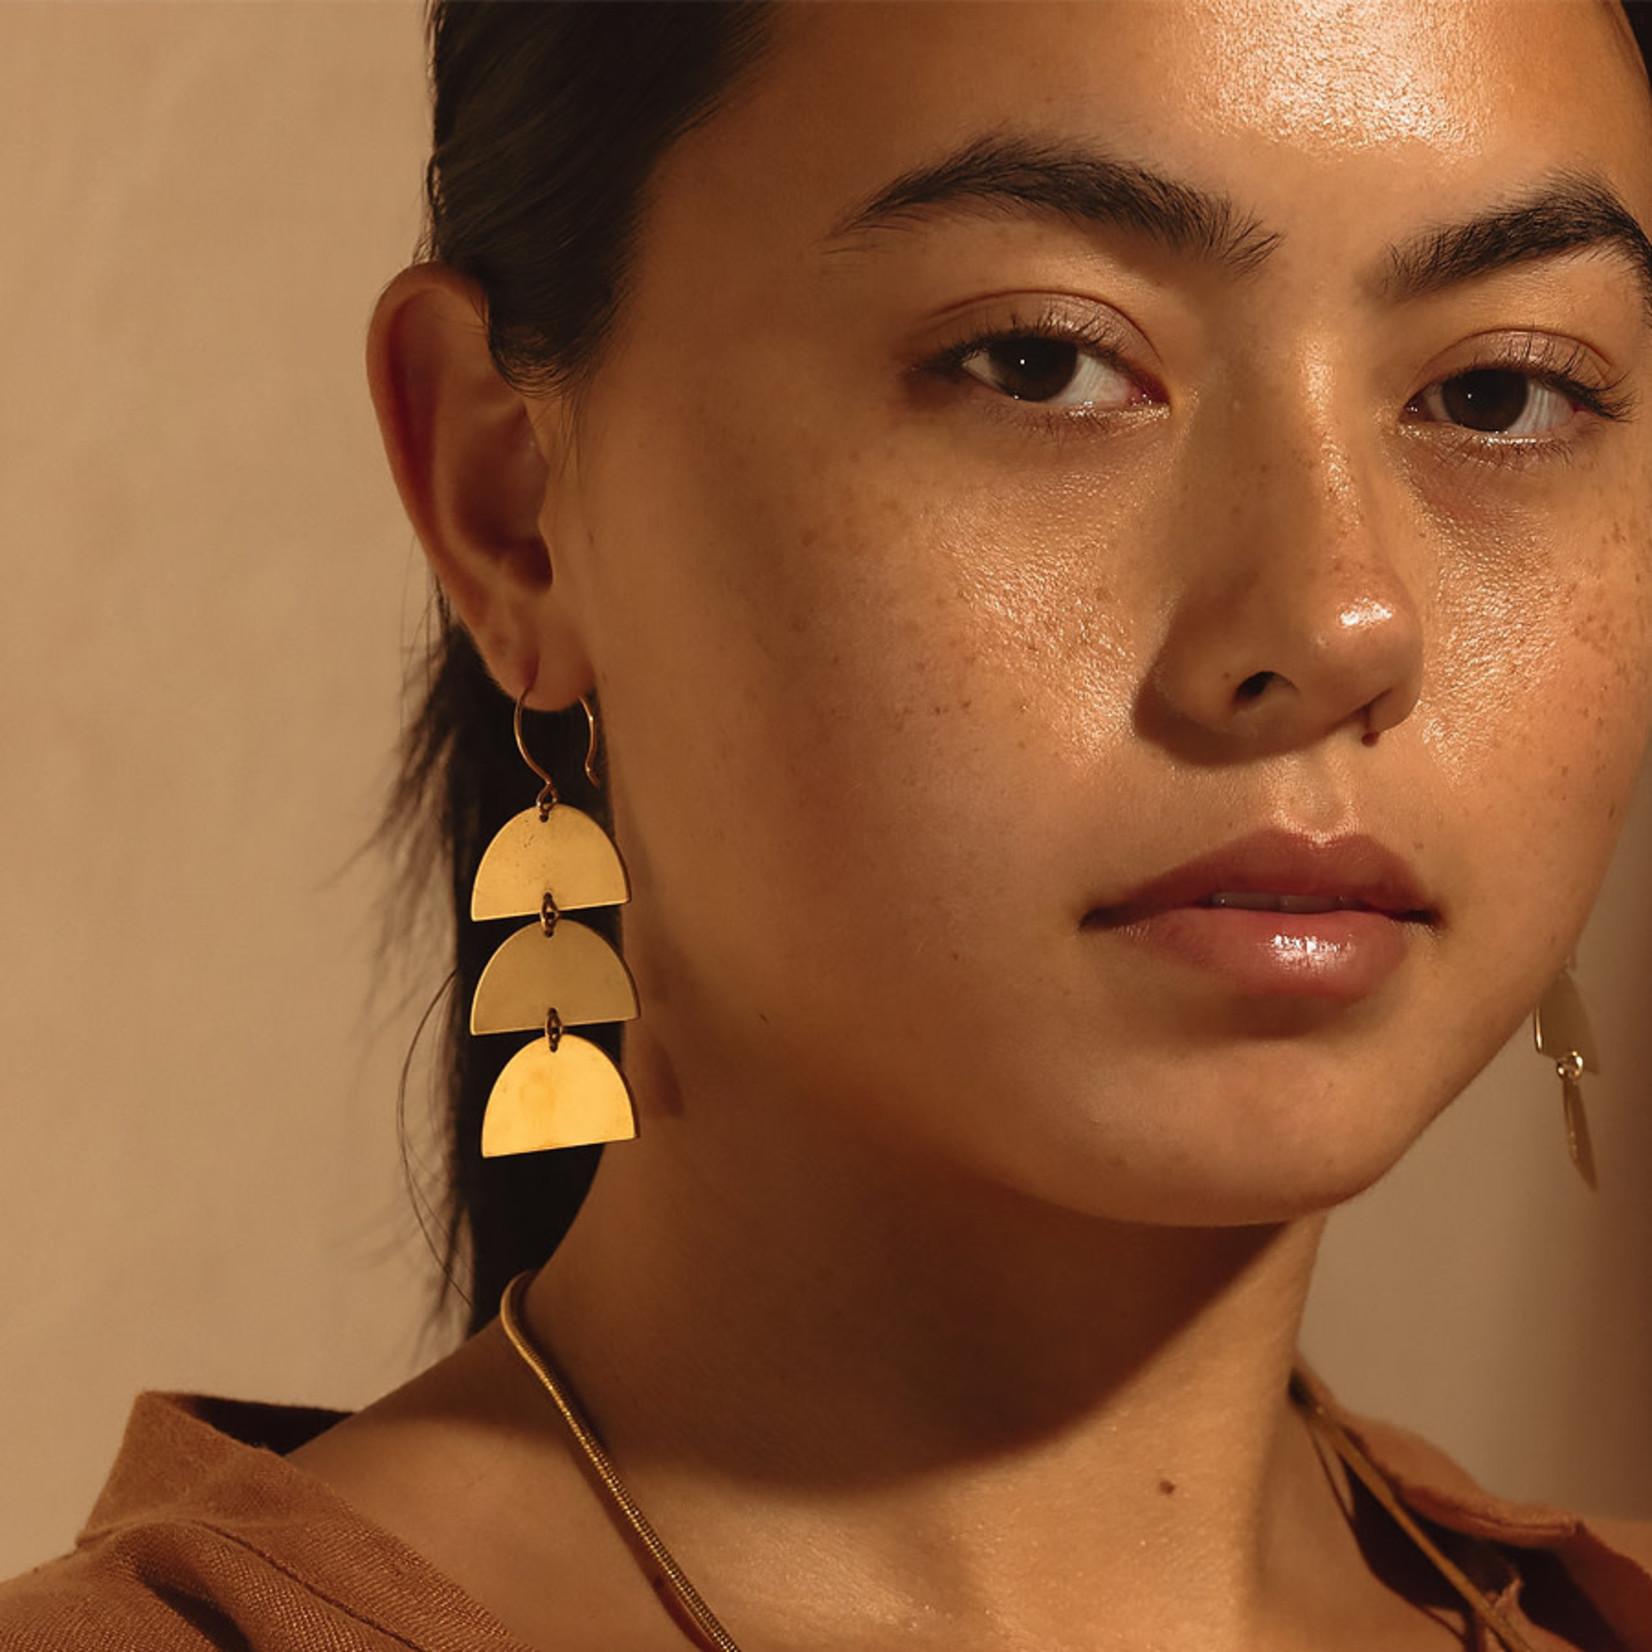 Larissa Loden Celeste Earrings